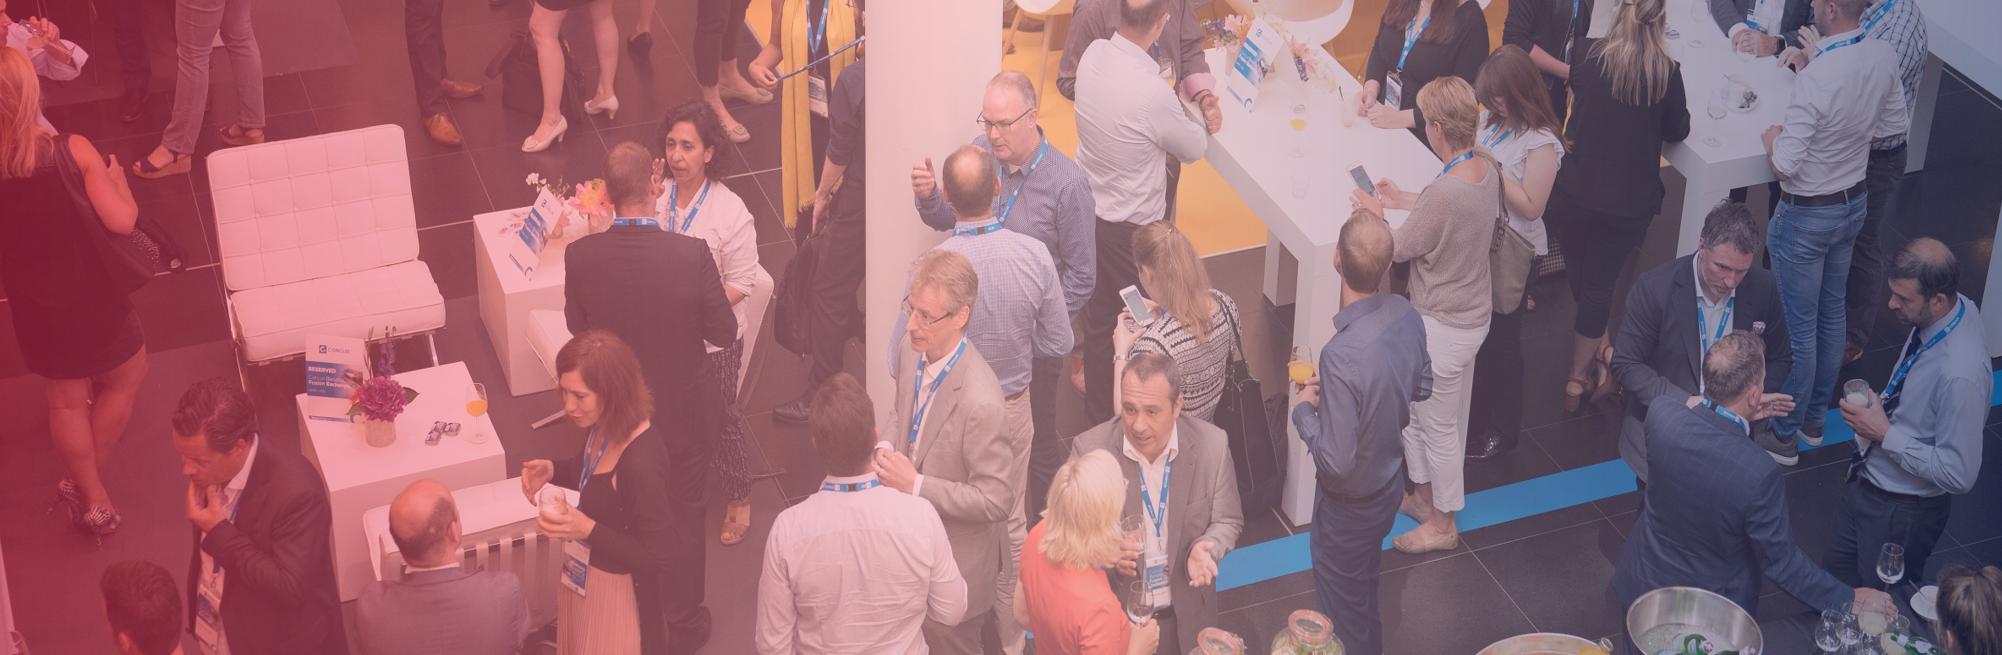 ARAGO Consulting à l'événement SAP Concur Fusion Exchange Benelux 2018